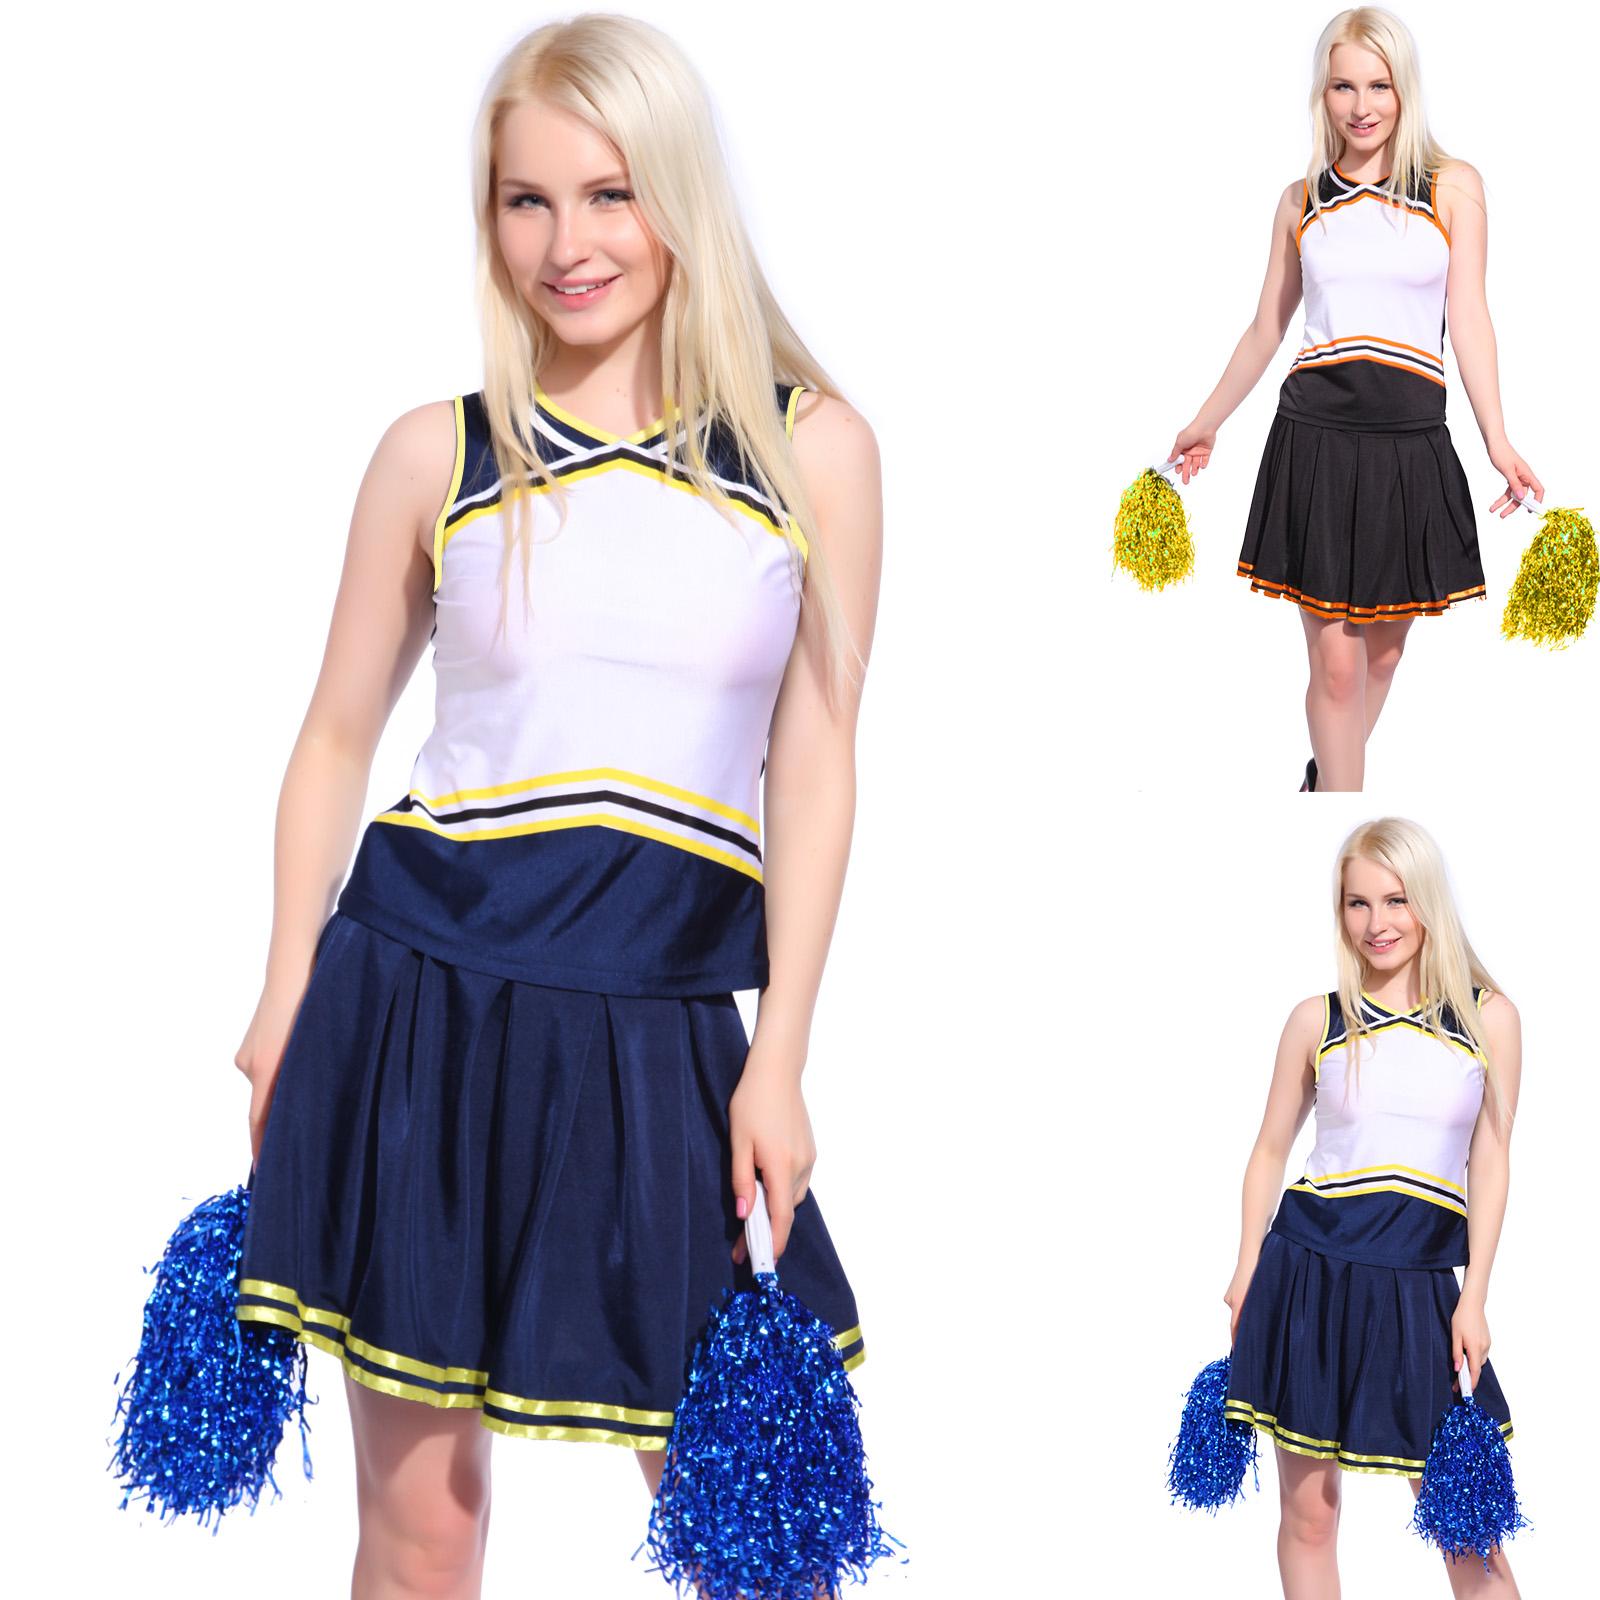 Cheerleader Kleidung